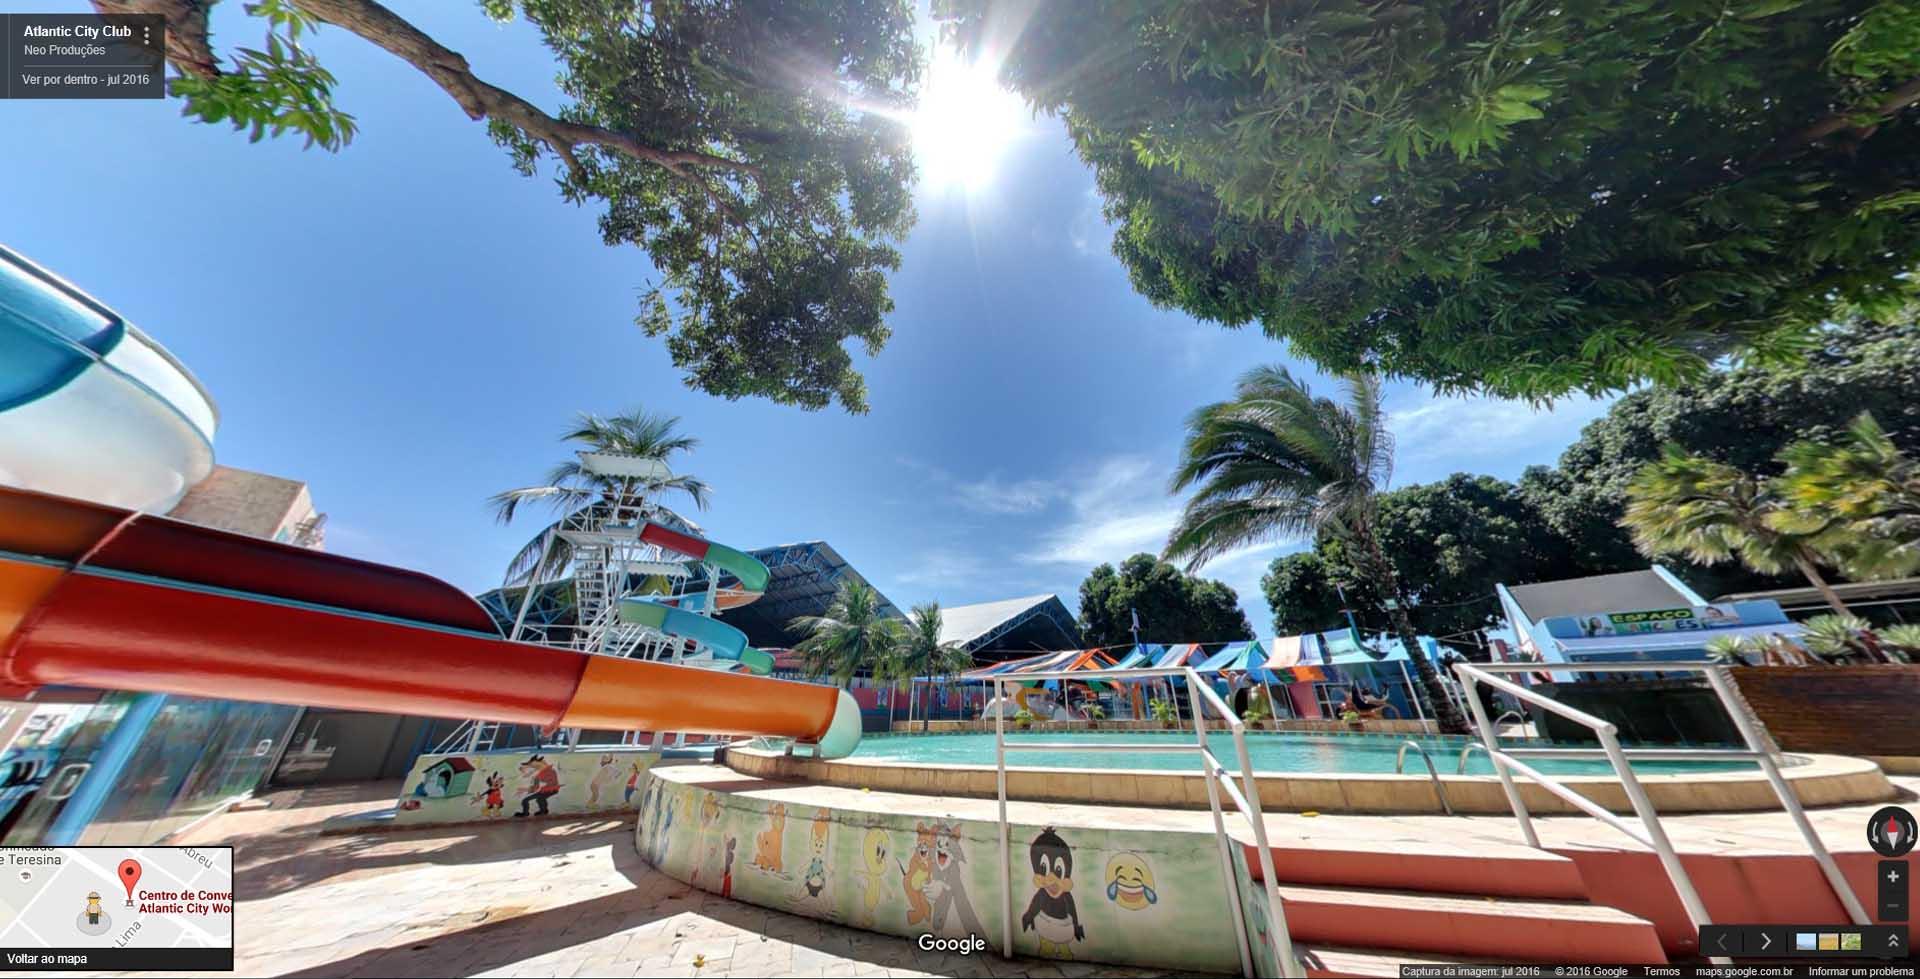 Parque City Club Atlantic